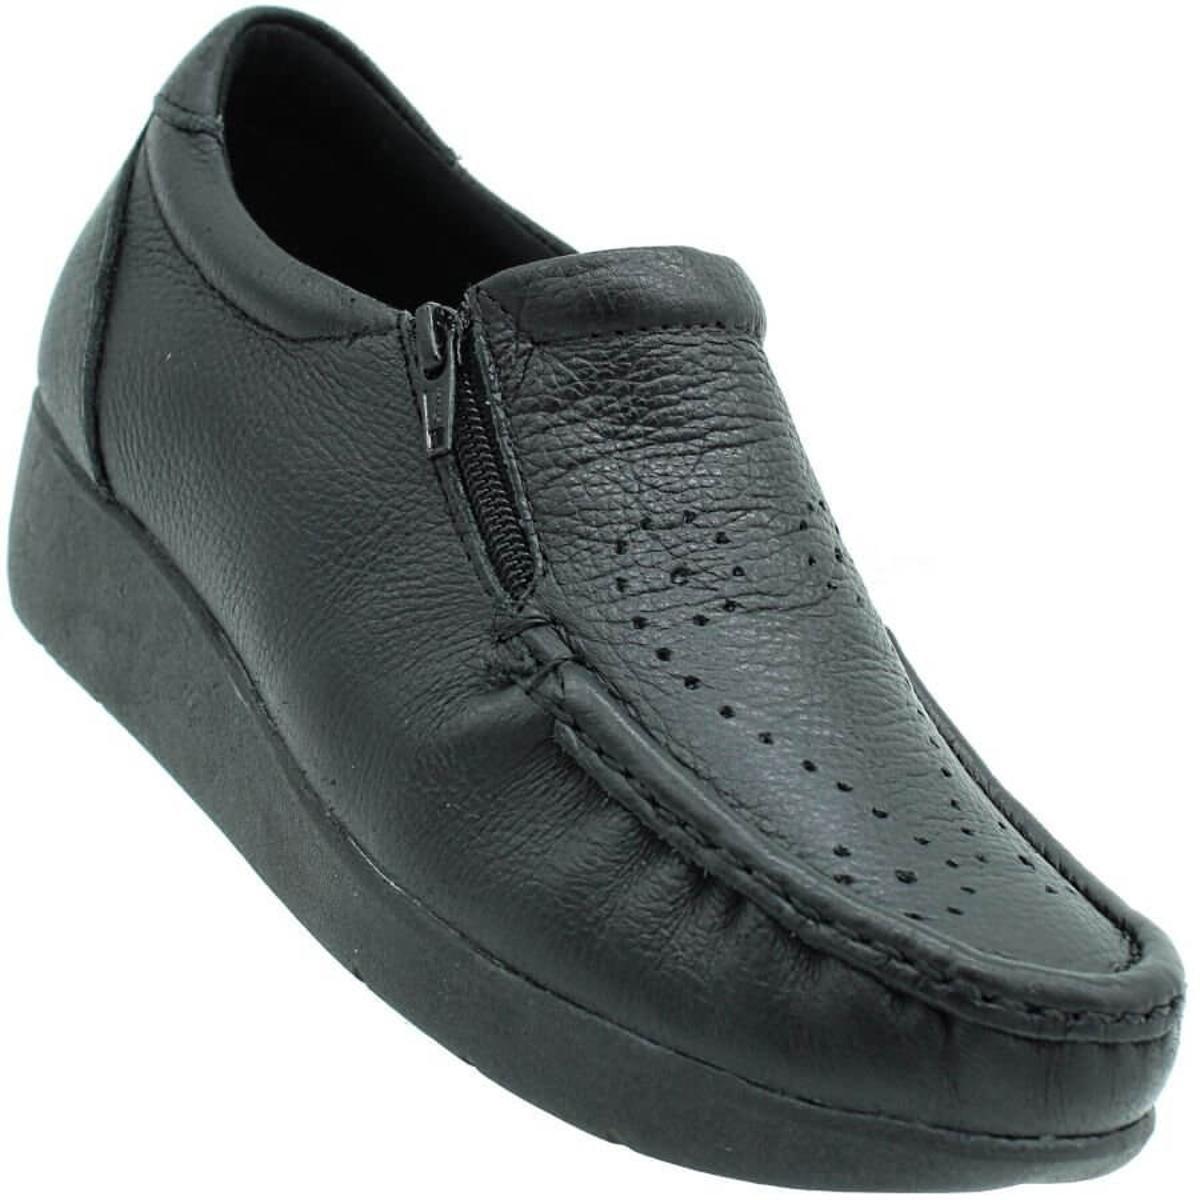 Sapato Feminino Comfort Preto Preto Mark Flex Feminino Comfort Mark Preto Flex Flex Sapato Comfort Sapato Mark Feminino nxPqzCwZ